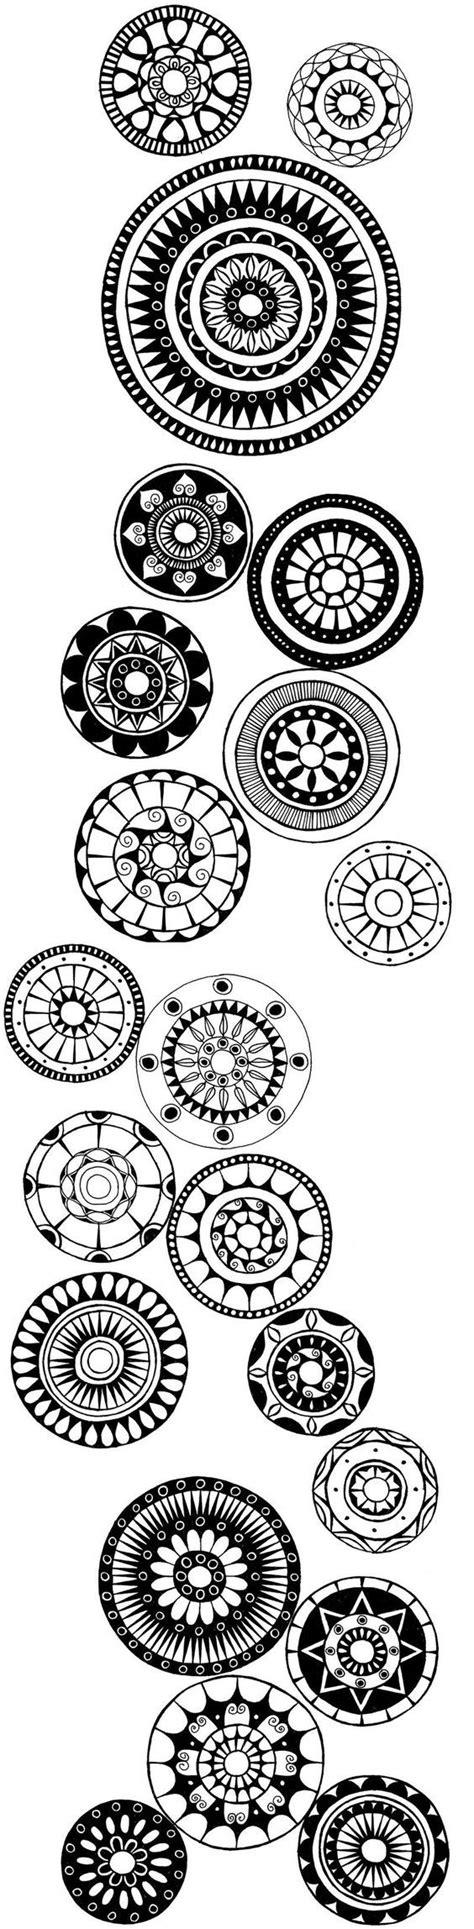 imagenes sobre mandalas m 225 s de 25 ideas incre 237 bles sobre imagenes de mandalas